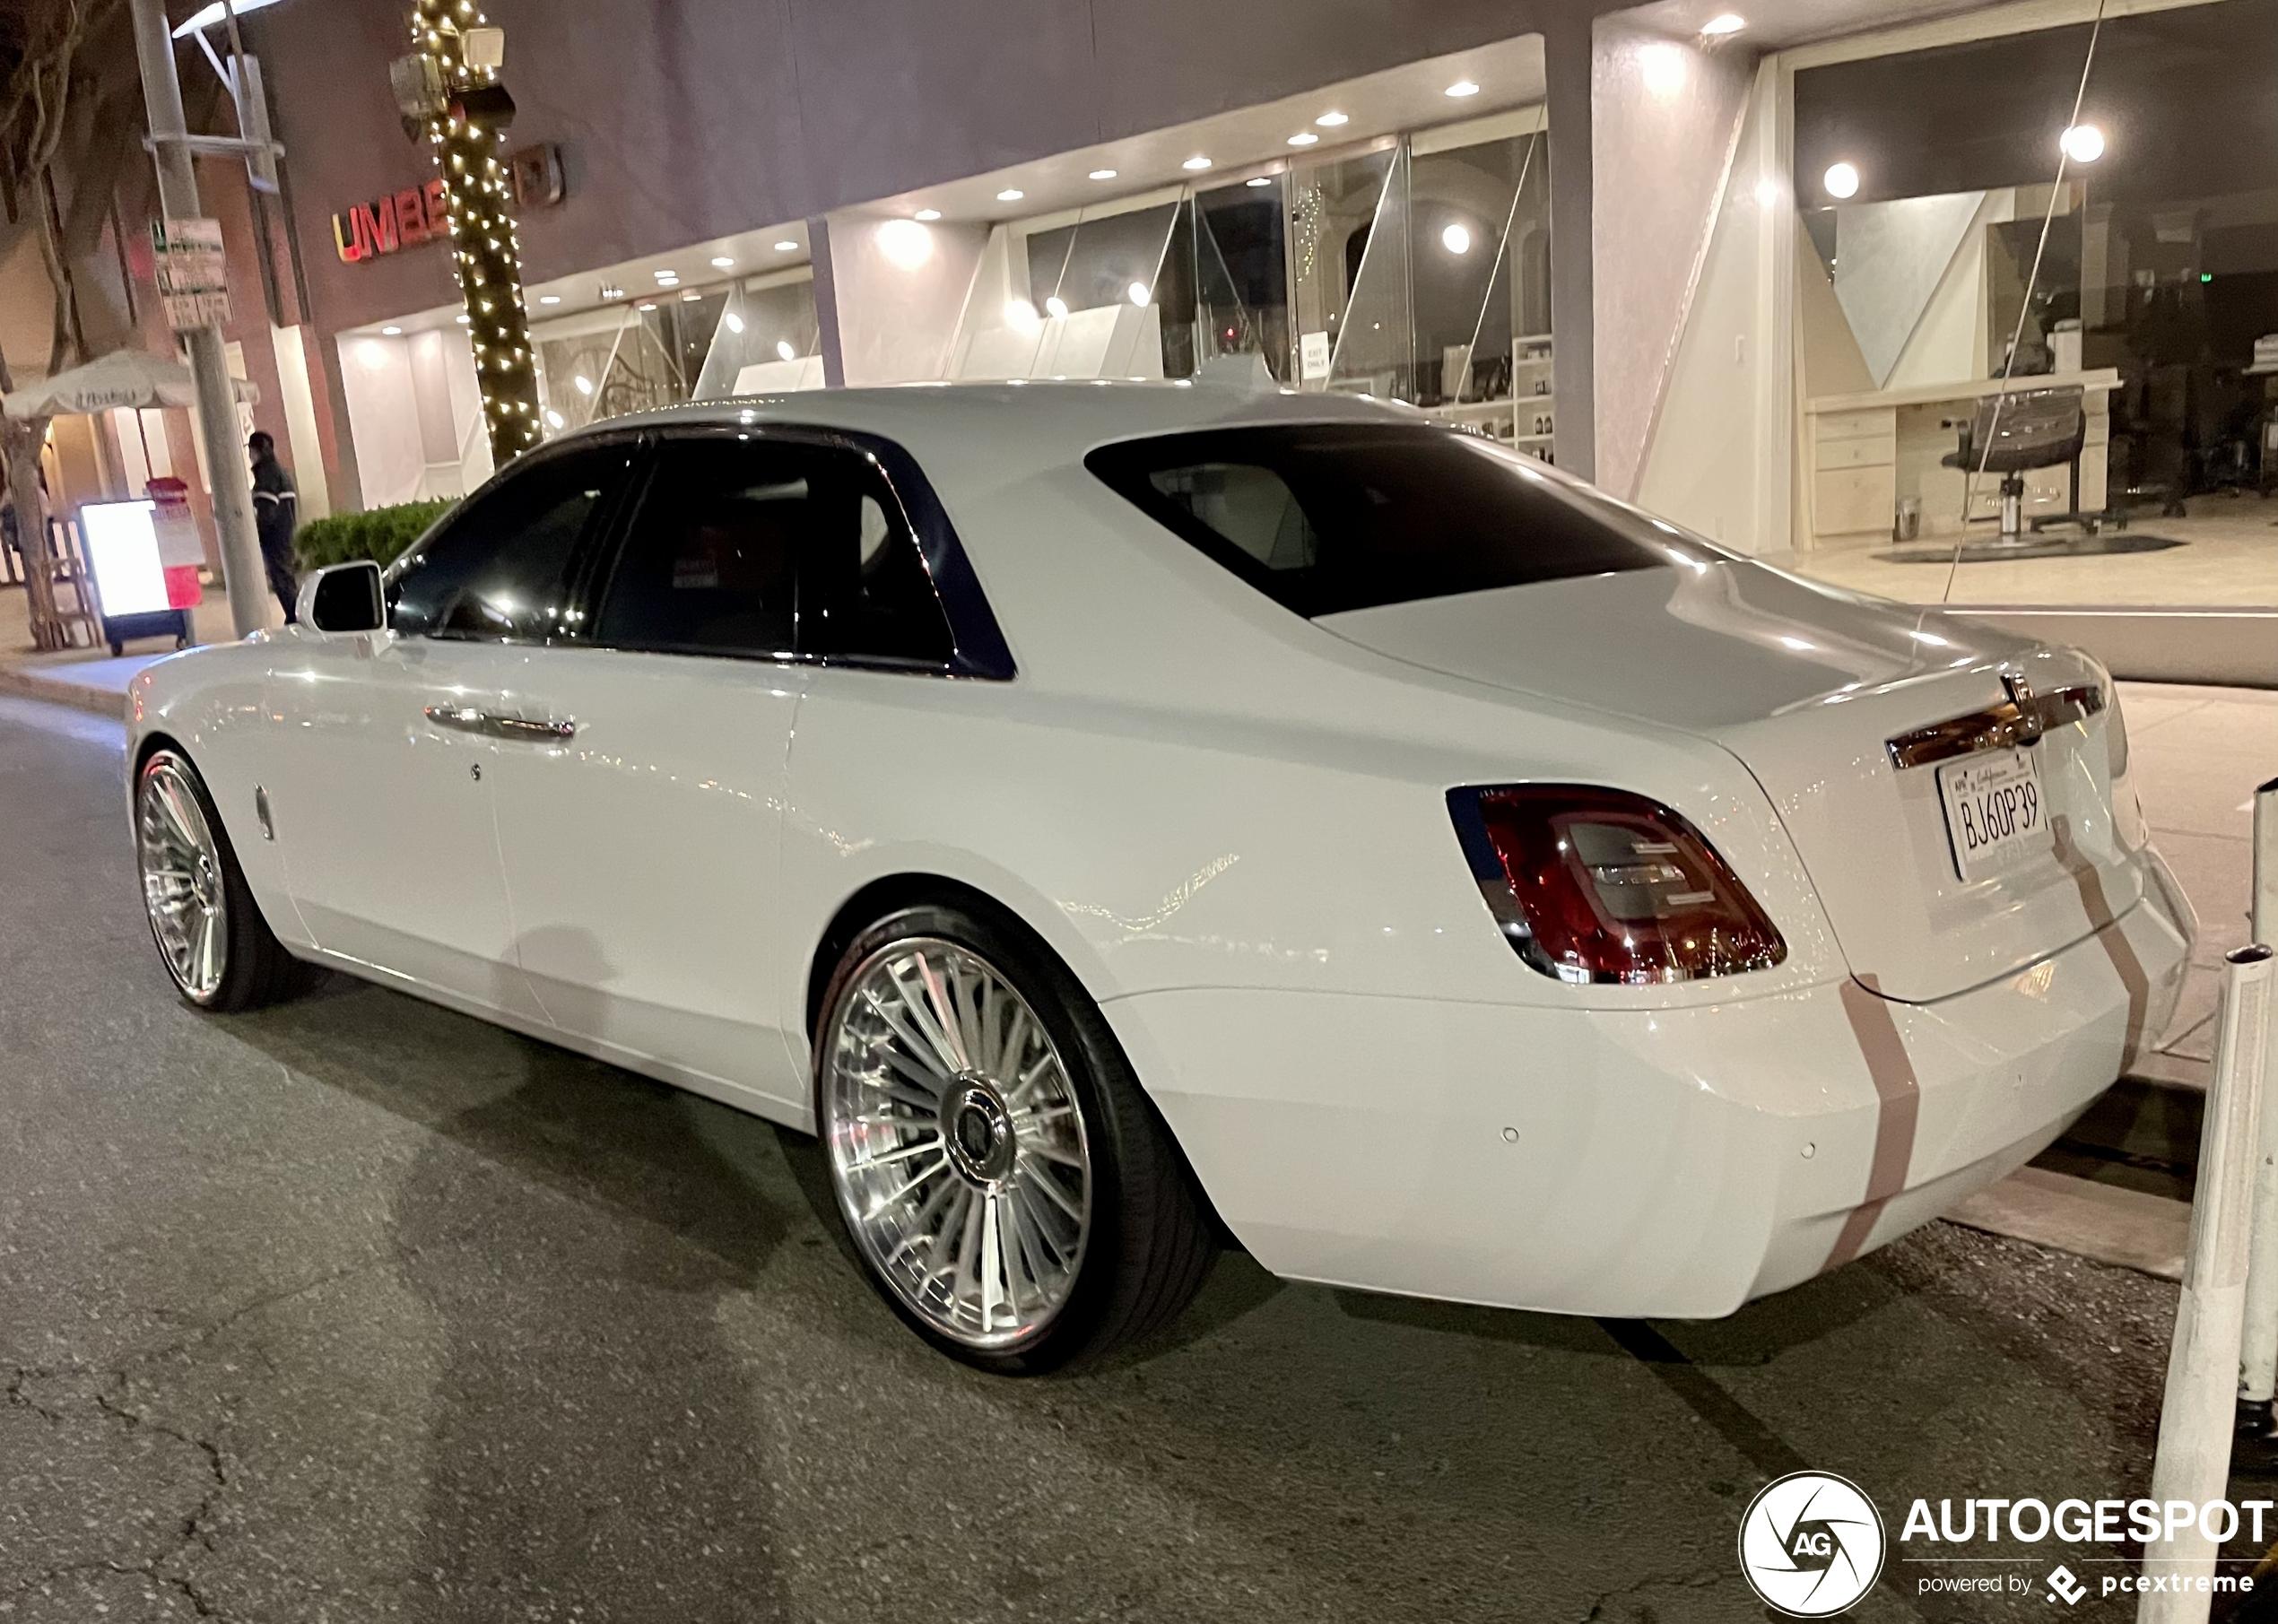 Dit is de eerste Rolls-Royce Ghost met aftermarket wielen